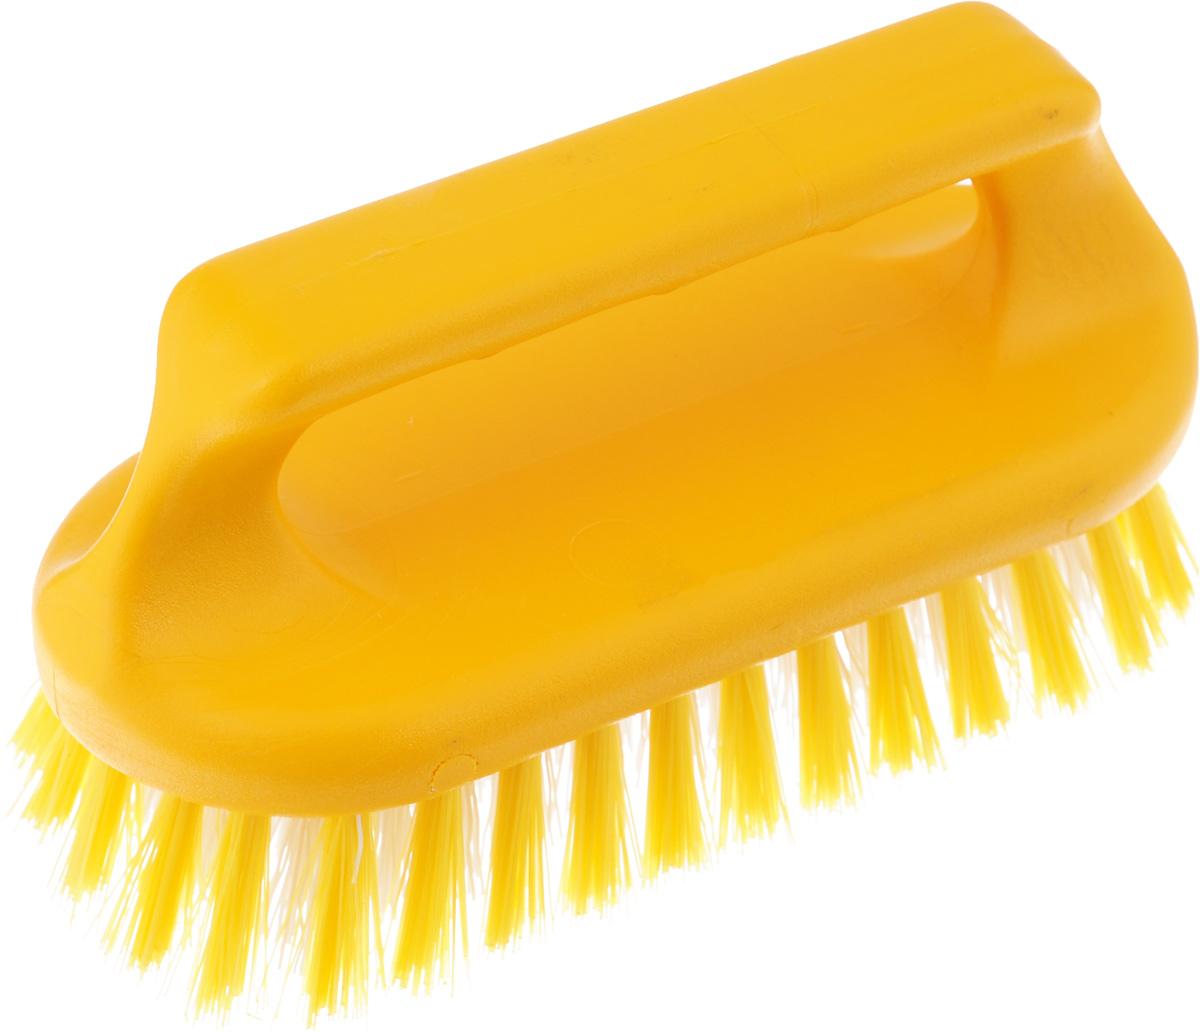 Щетка для ванны Хозяюшка Мила Сальвия, цвет: желтый, белый24006_желтый, белыйЩетка для ванны Хозяюшка Мила Сальвия, изготовленная из высокопрочного пластика, идеально подходит для снятия сильных загрязнений. Удобная ручка делает процесс чистки комфортным, а форма щетки позволяет хорошо чистить даже труднодоступные места. Щетина средней жесткости не повреждает поверхность. Длина щетины: 2,5 см.